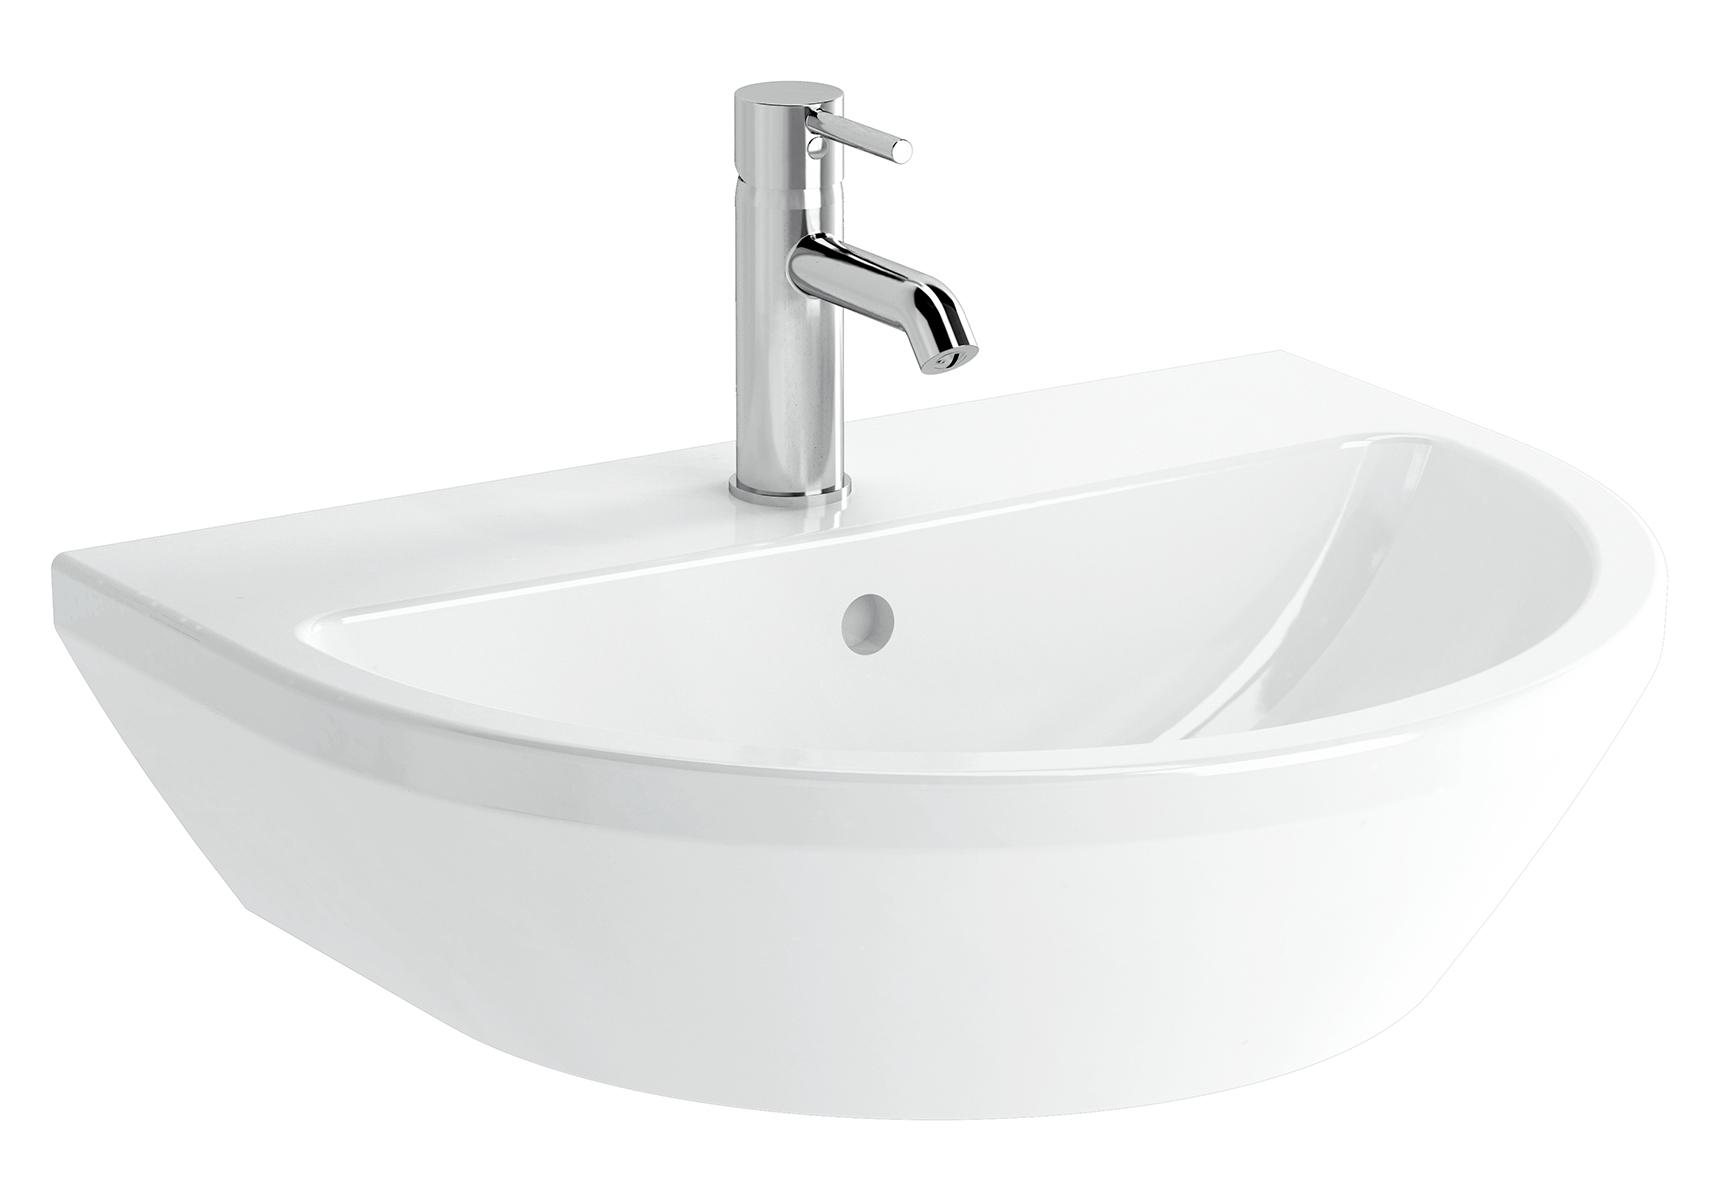 Integra lavabo rond, 60 cm, sans trou de robinet, avec trop-plein